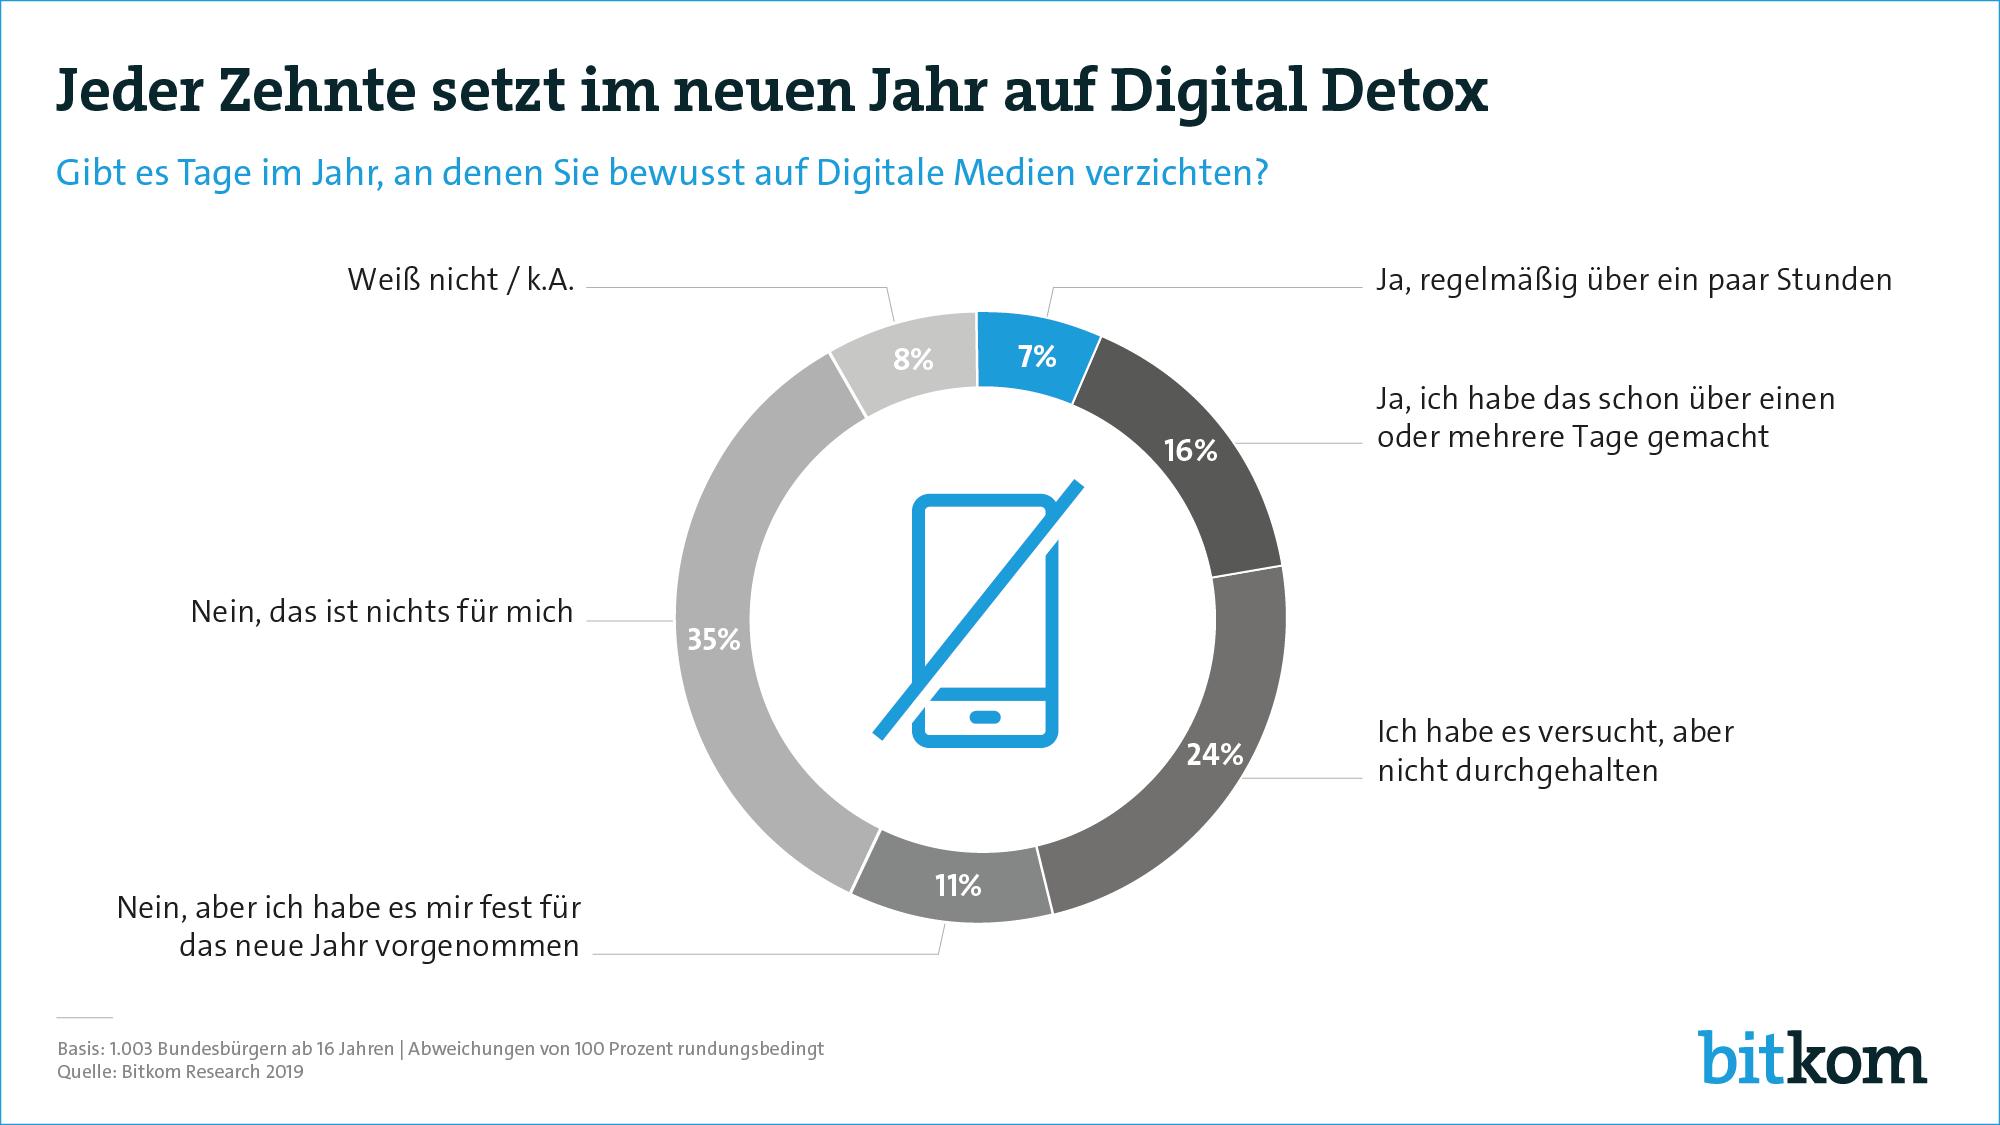 Umfrage: Einschätzung der Befragten zu einem Digital Detox